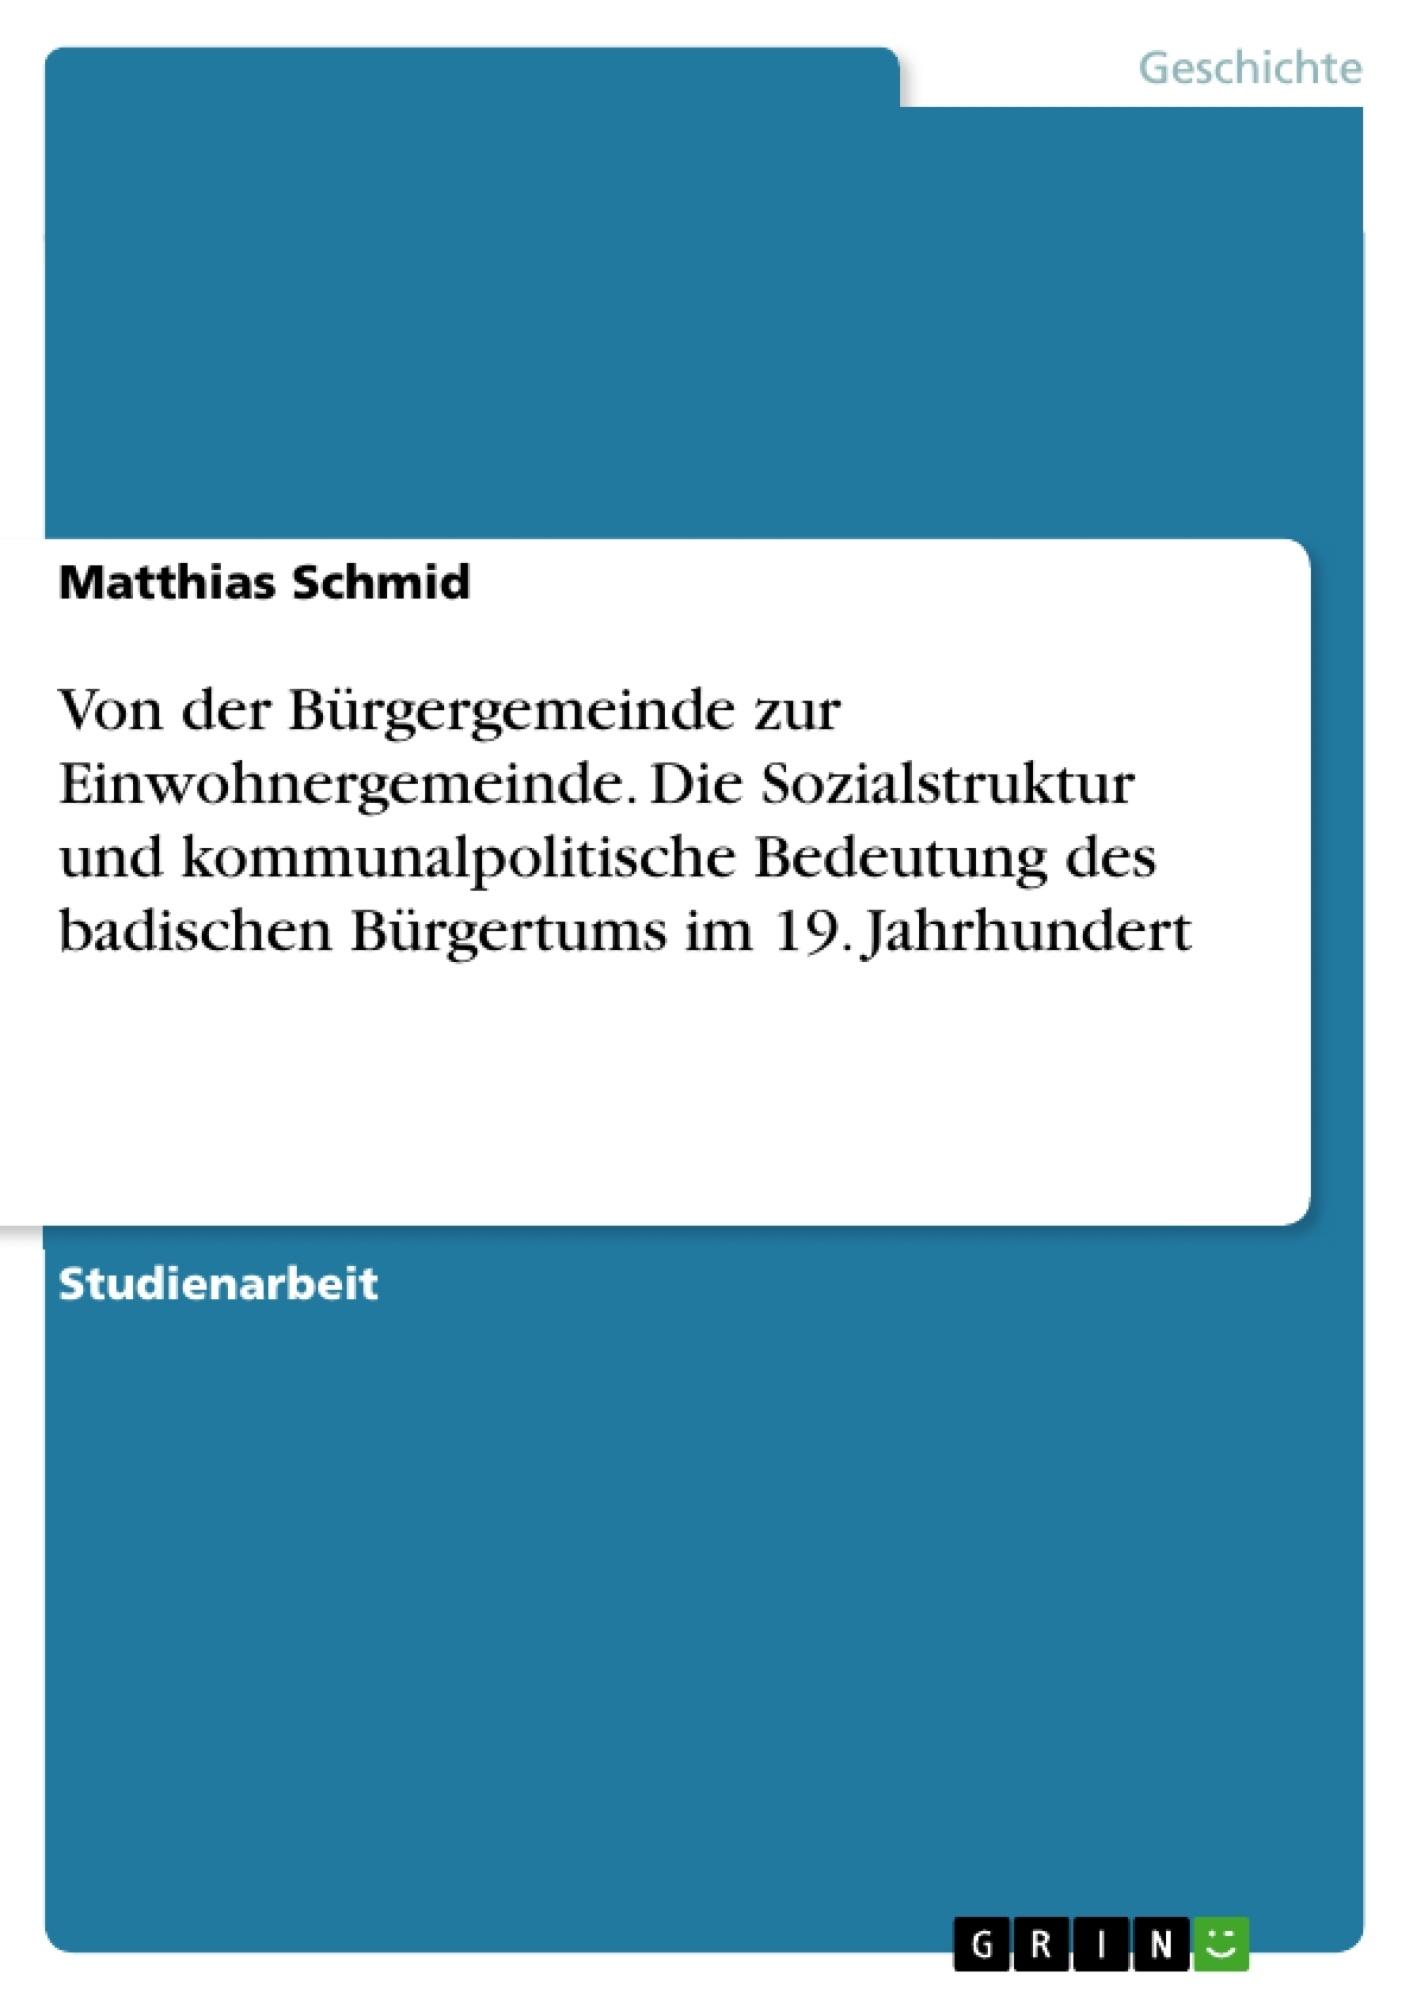 Titel: Von der Bürgergemeinde zur Einwohnergemeinde. Die Sozialstruktur und kommunalpolitische Bedeutung des badischen Bürgertums im 19. Jahrhundert